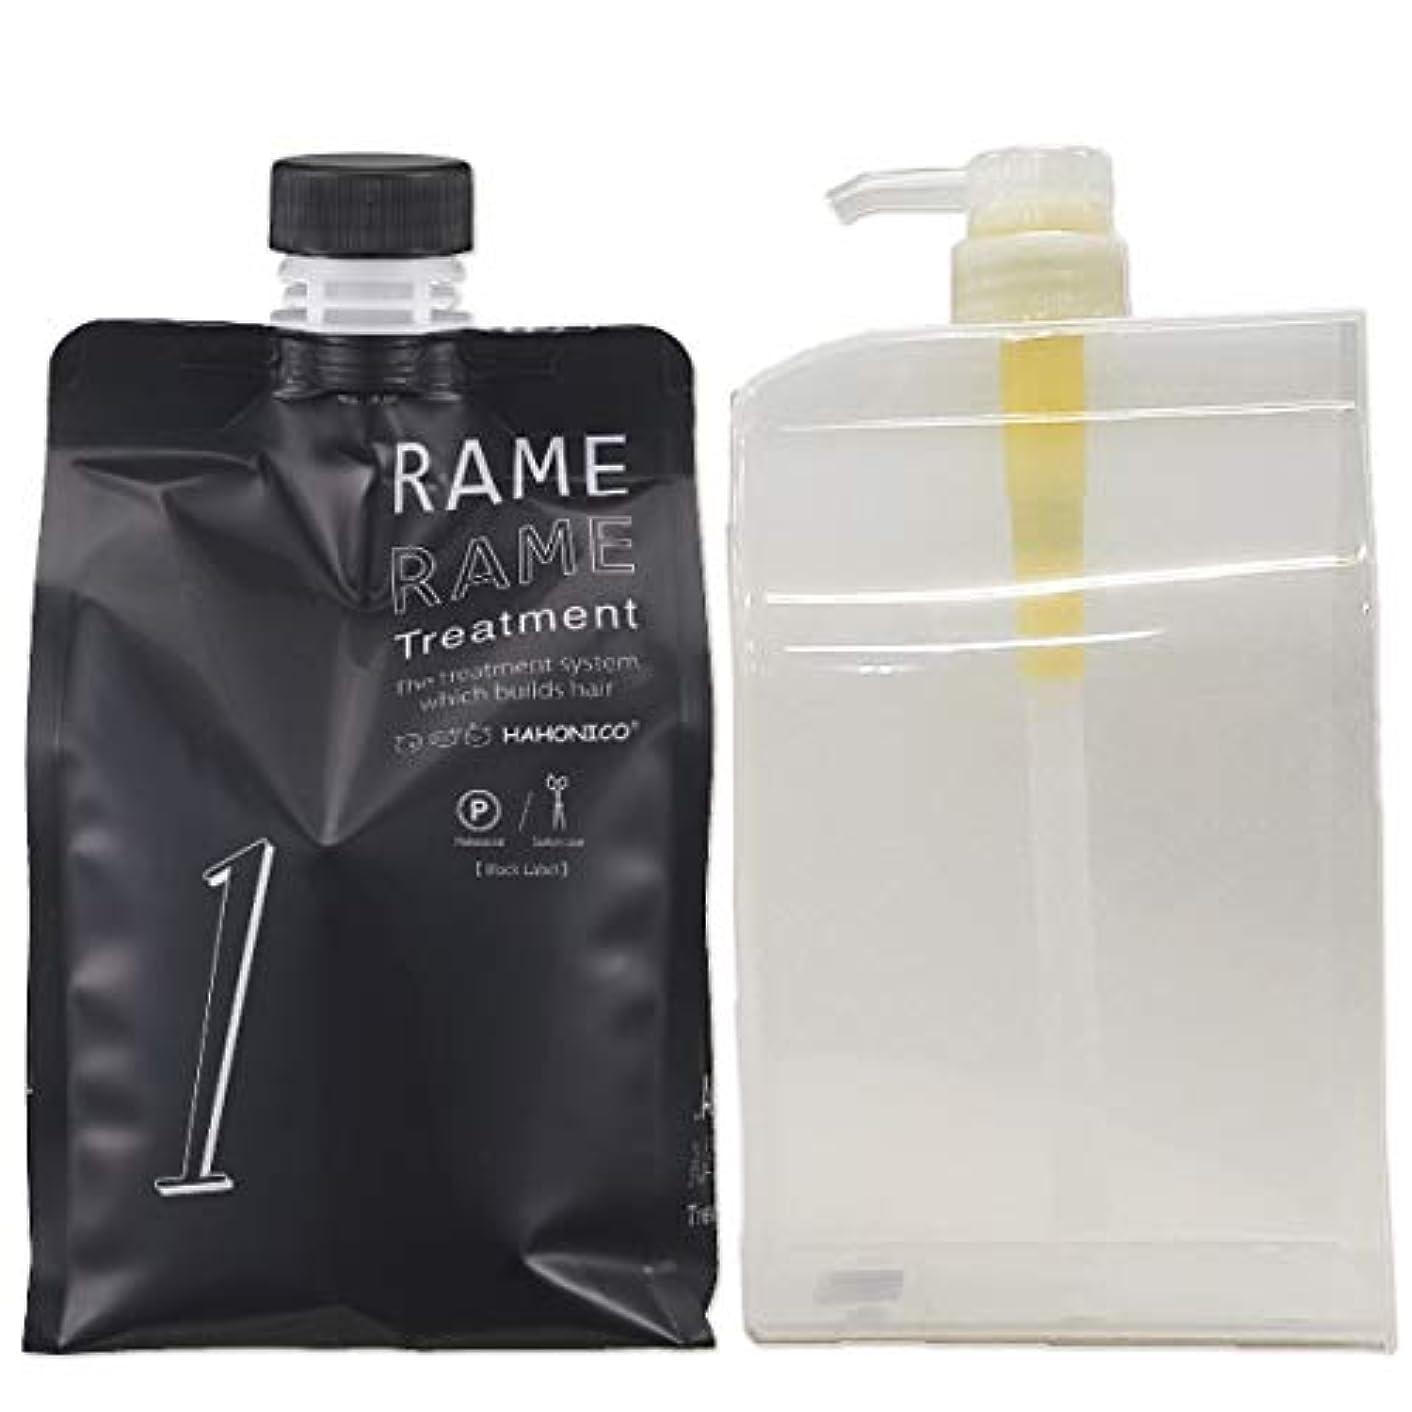 わずかな羨望問い合わせるハホニコ ザラメラメ ブラックレーベル No.1 1000g + ポンプ&ケース セット